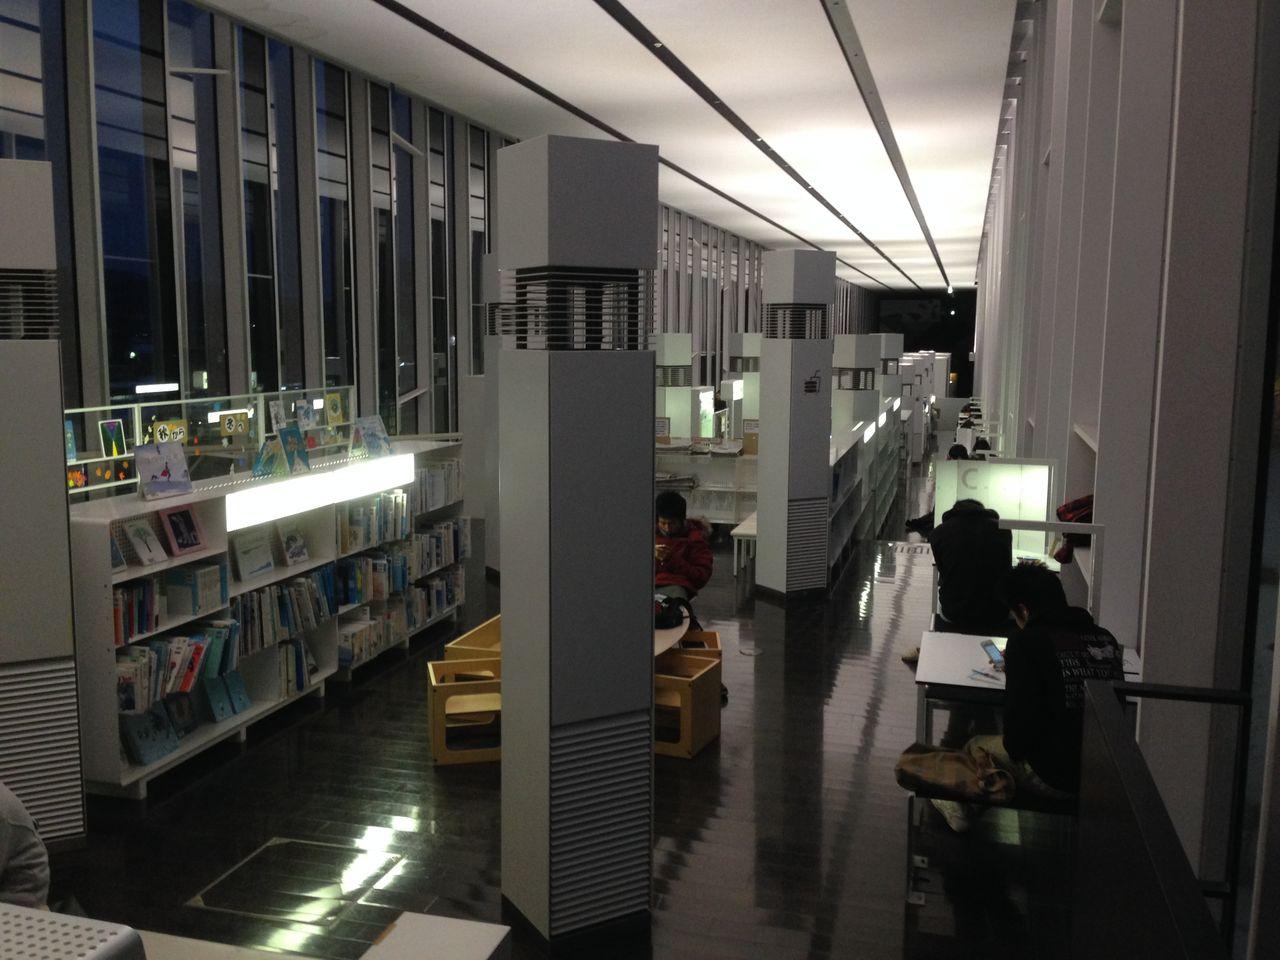 図書館 茅野 市 青い表紙の本がズラリ…茅野市民館図書室について図書館員が感じたこと